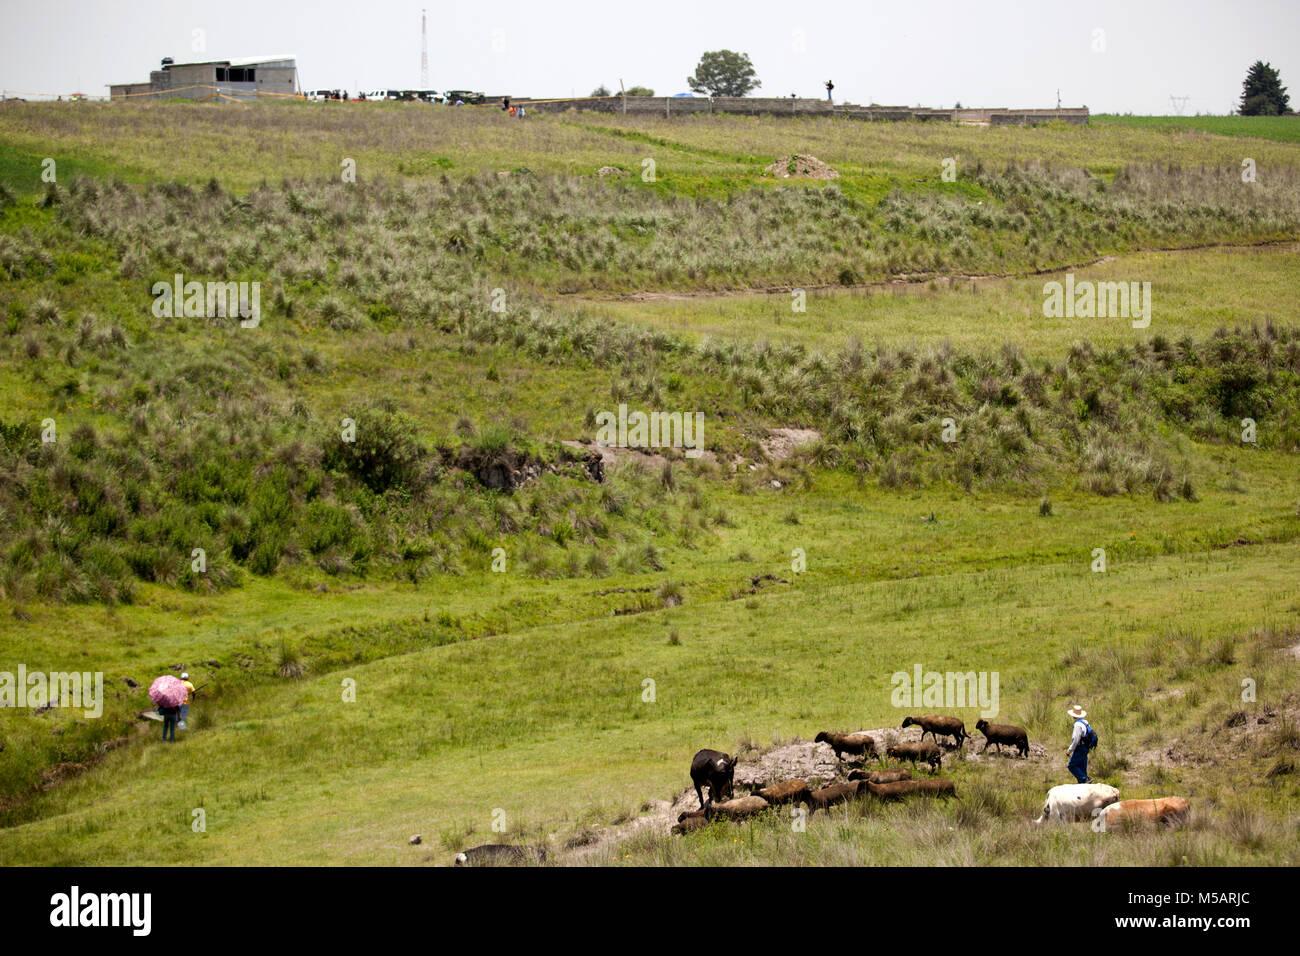 People near the farm house Joaquin 'El Chapo' Guzman used to escape Altiplano prison near Toluca, Mexico - Stock Image